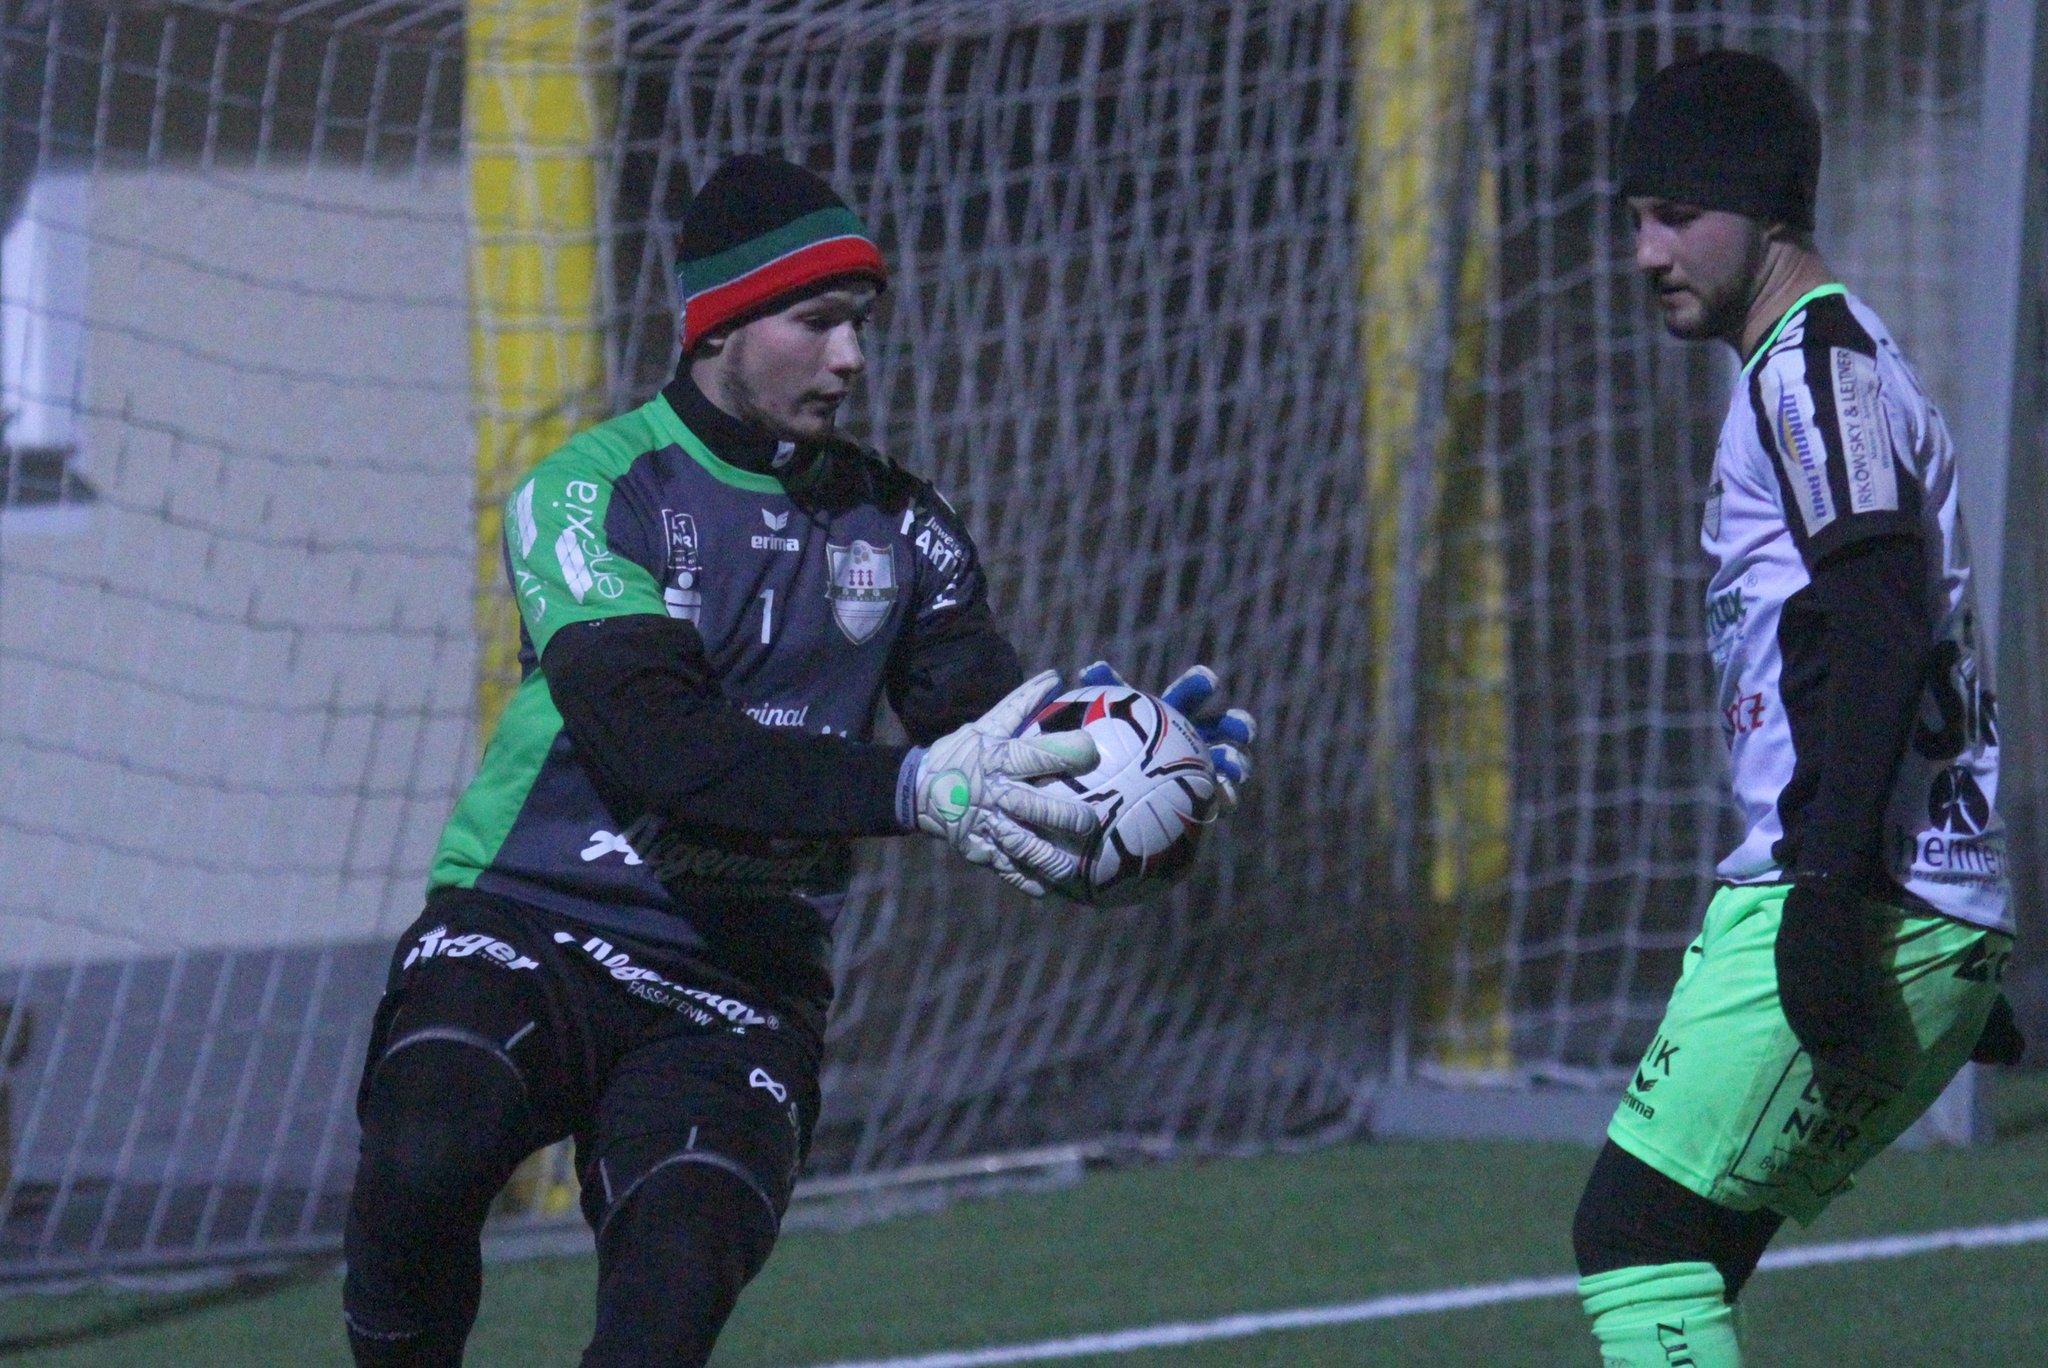 Frech aufspielende Riepl-Elf aus Pregarten überzeugt trotz 0:4 gegen SK Vorwärts Steyr.